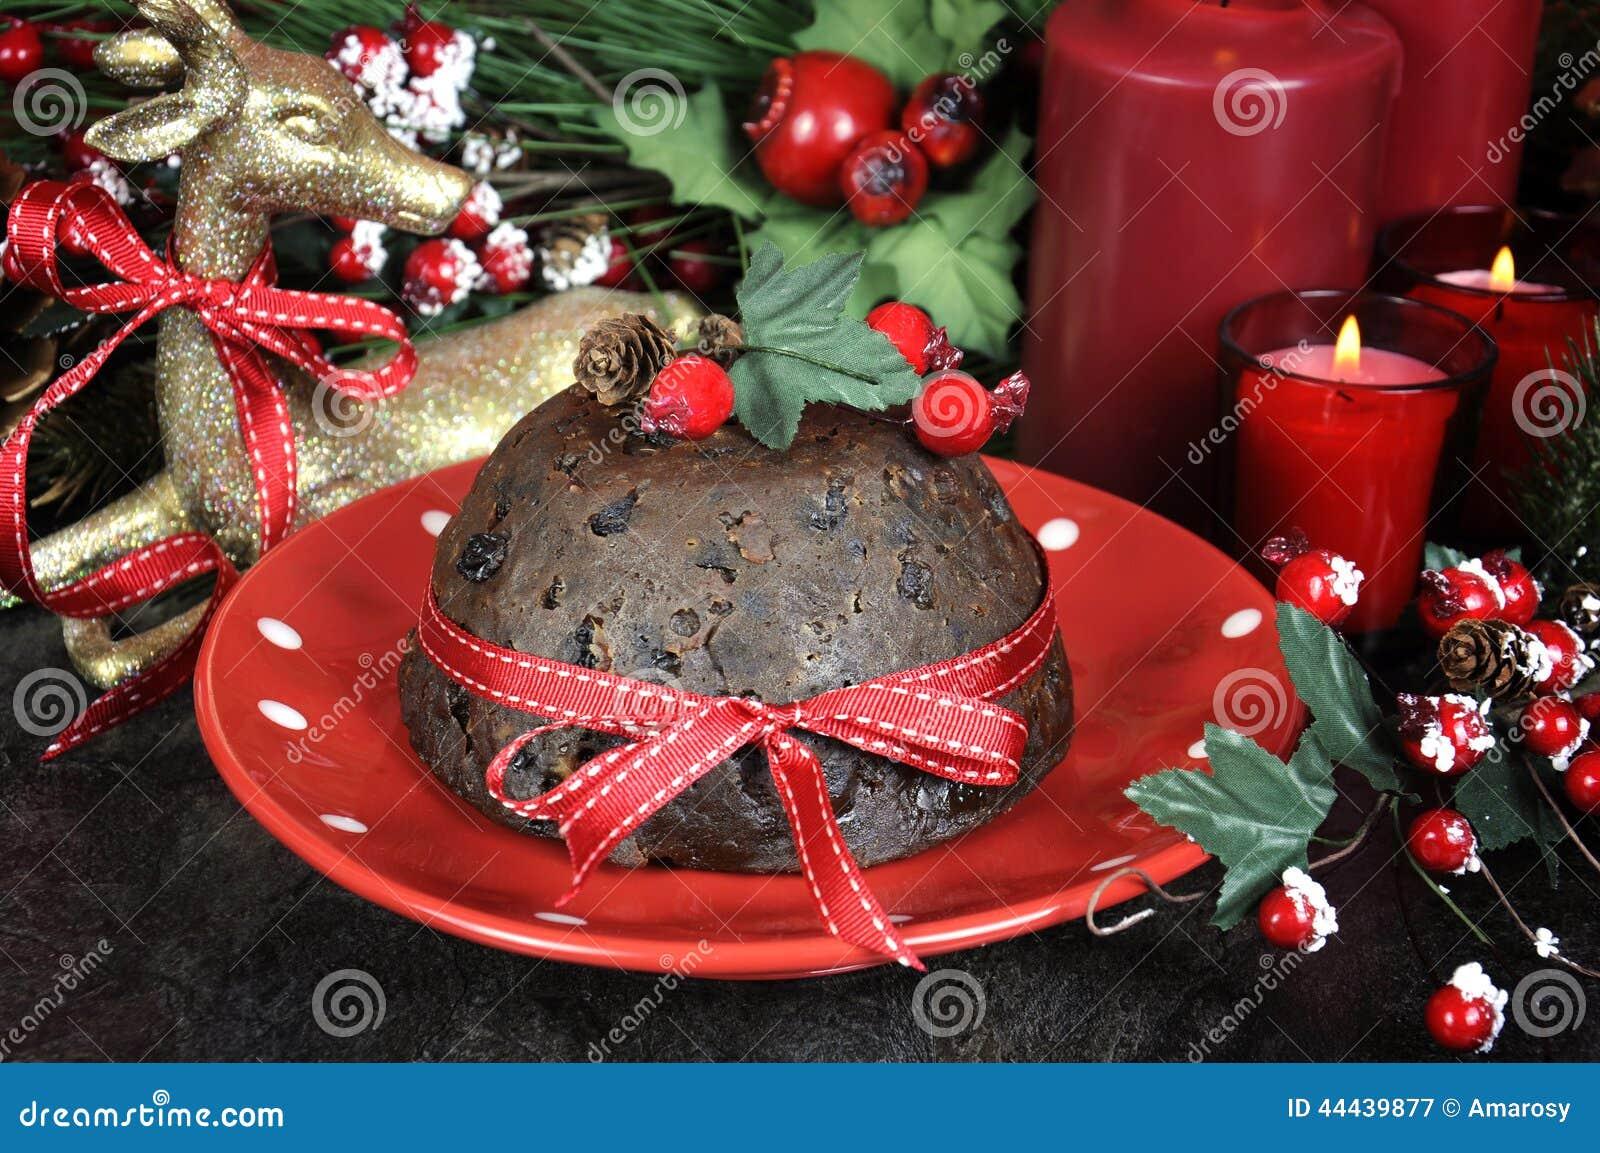 Le dessert anglais de plum pudding de no l de style avec - Decoration de noel en anglais ...